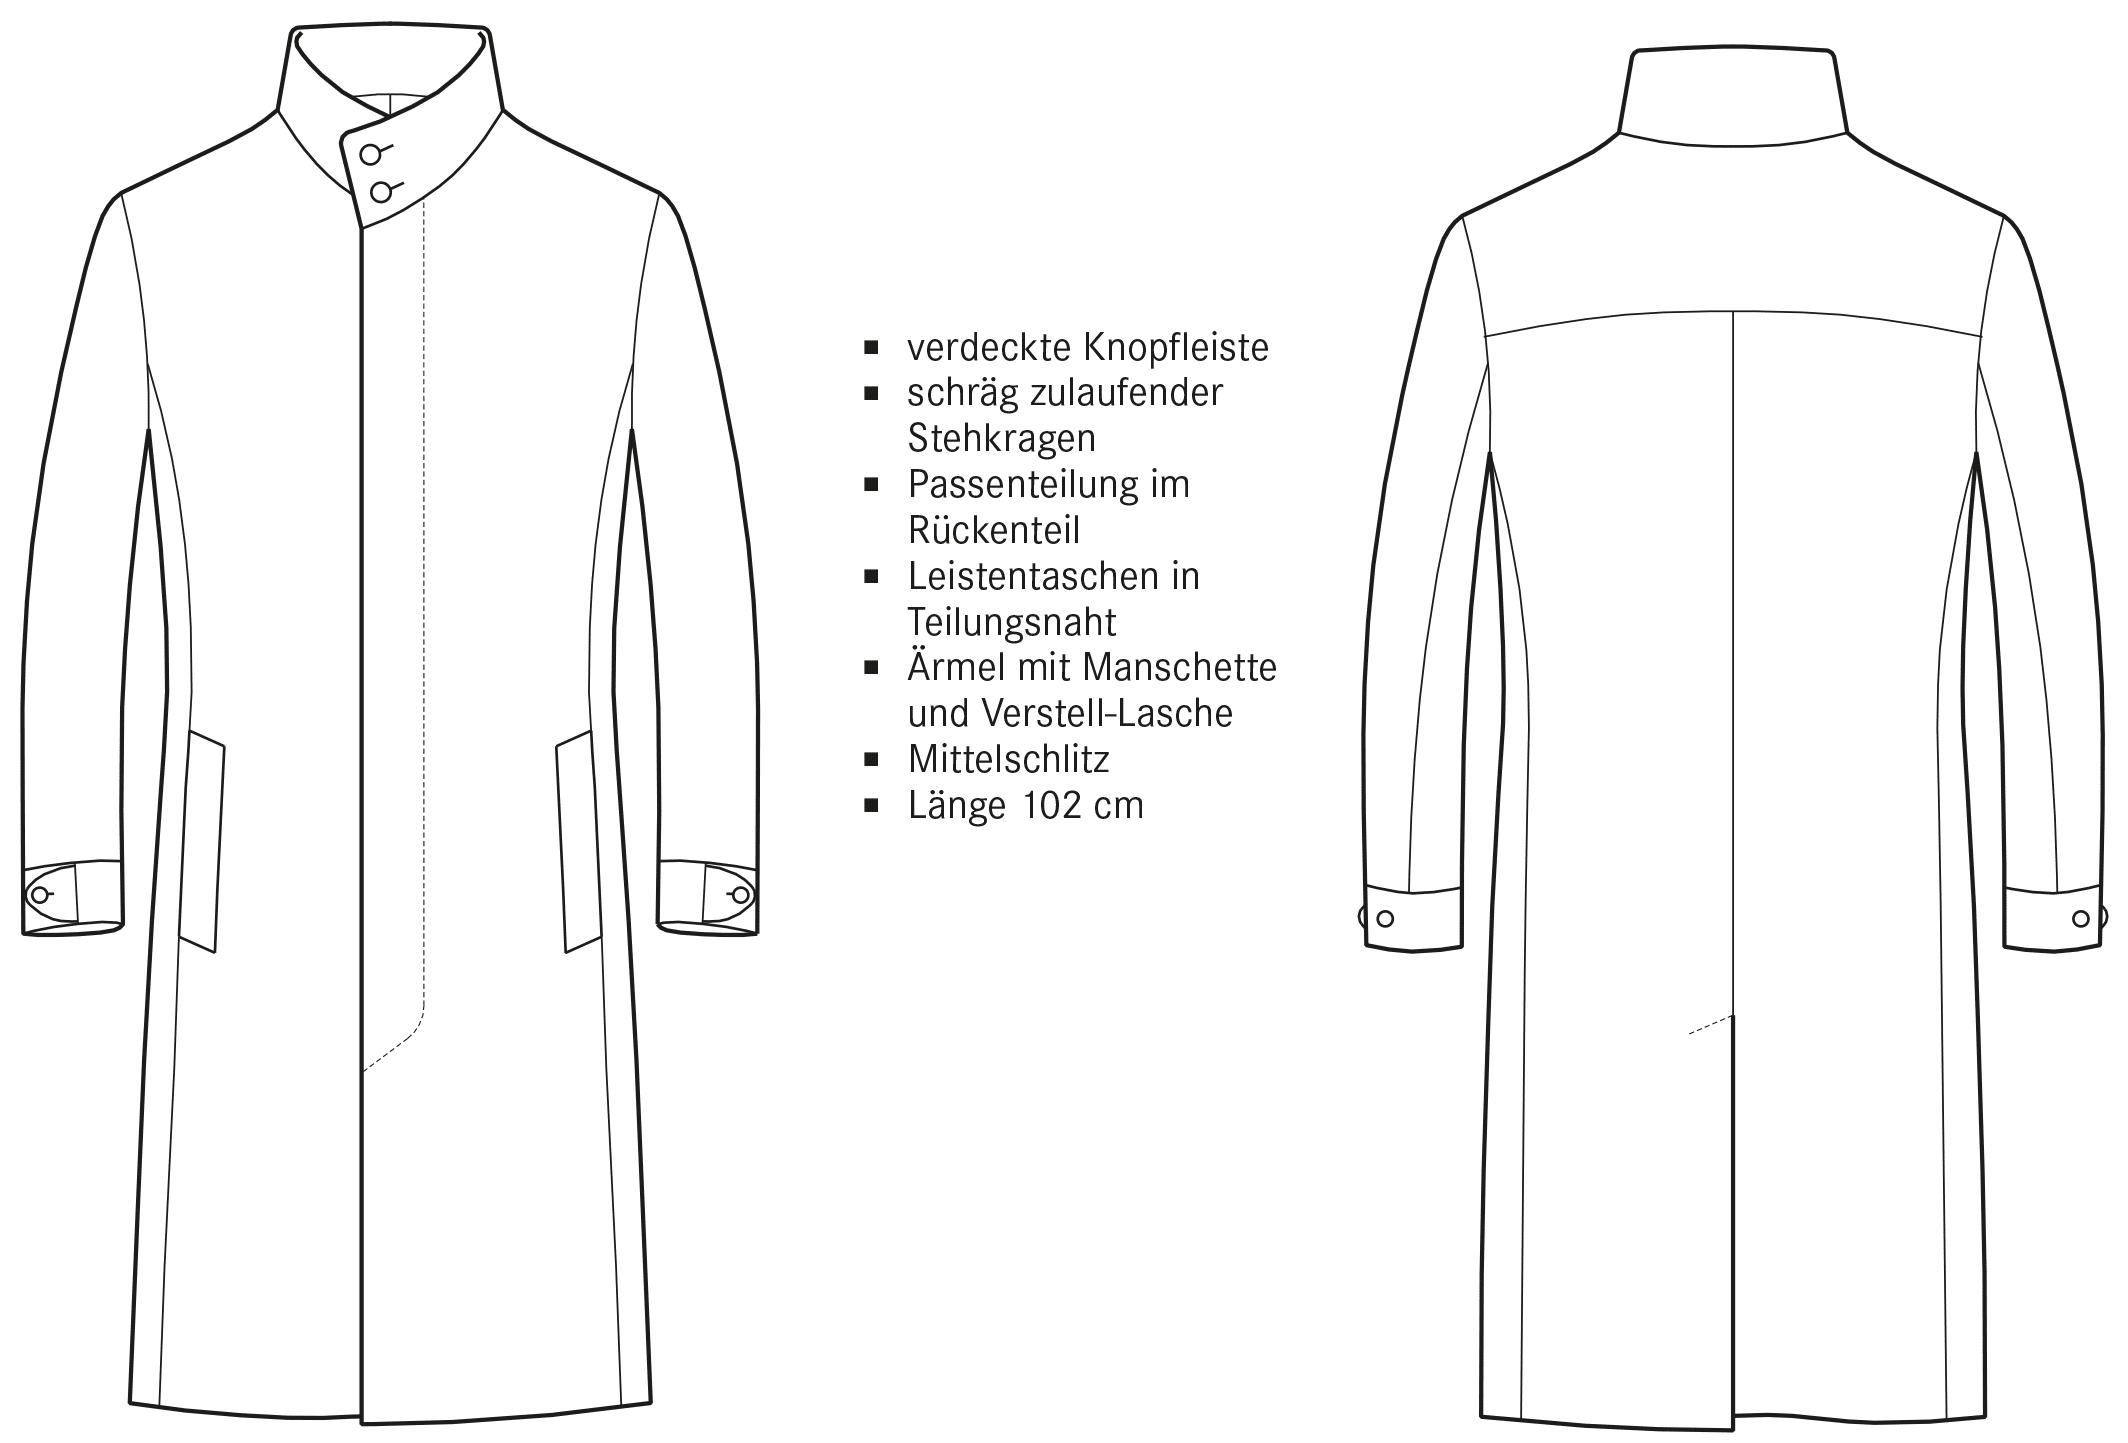 Die technische Zeichnung eines Mantels mit Stehkragen ist abgebildet. Die Vorder- und Rückansicht inklusive Beschreibung der Schnitttechnik ist zu sehen.